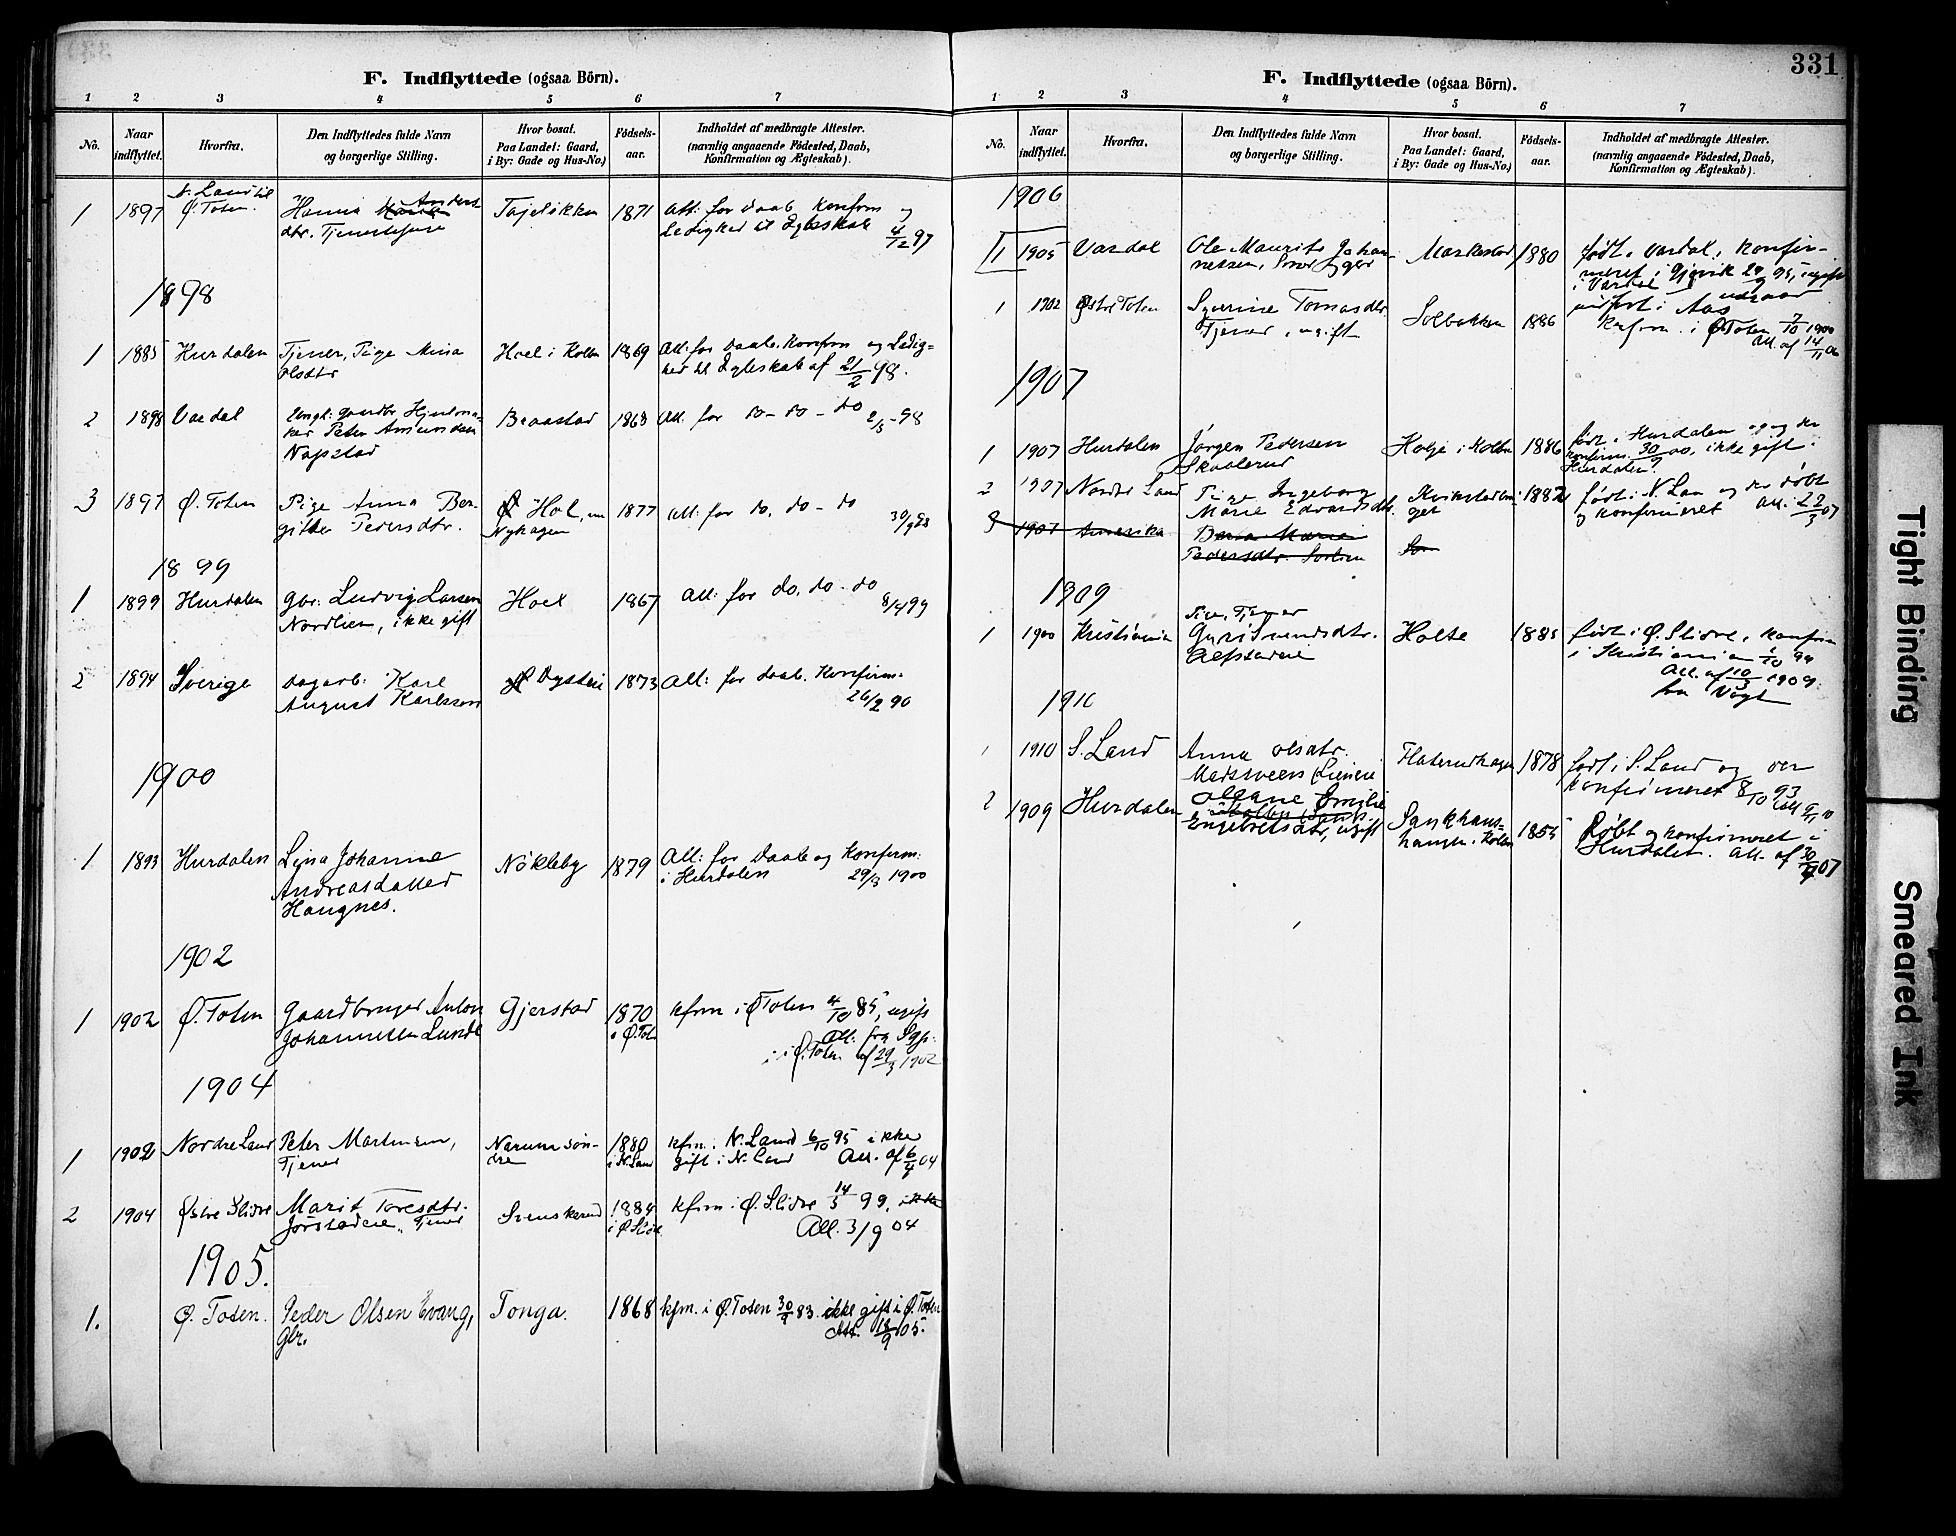 SAH, Vestre Toten prestekontor, Ministerialbok nr. 13, 1895-1911, s. 331